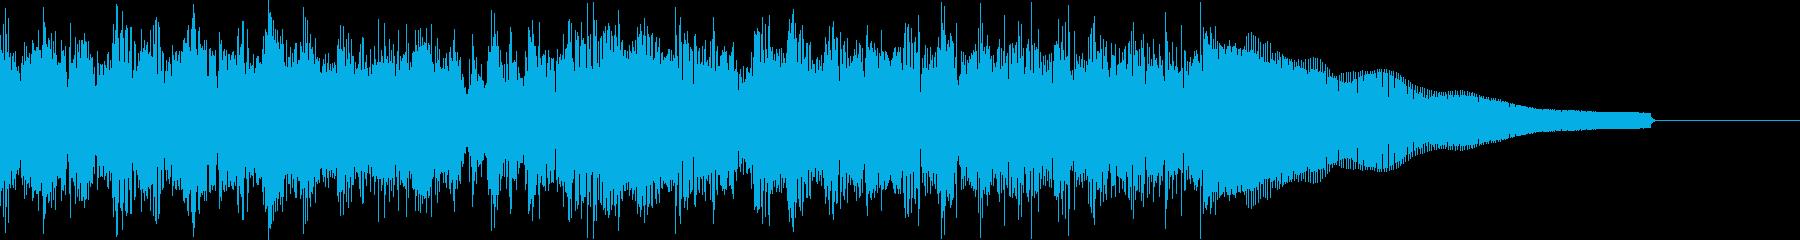 カントリー風ギターイントロ−07Hの再生済みの波形